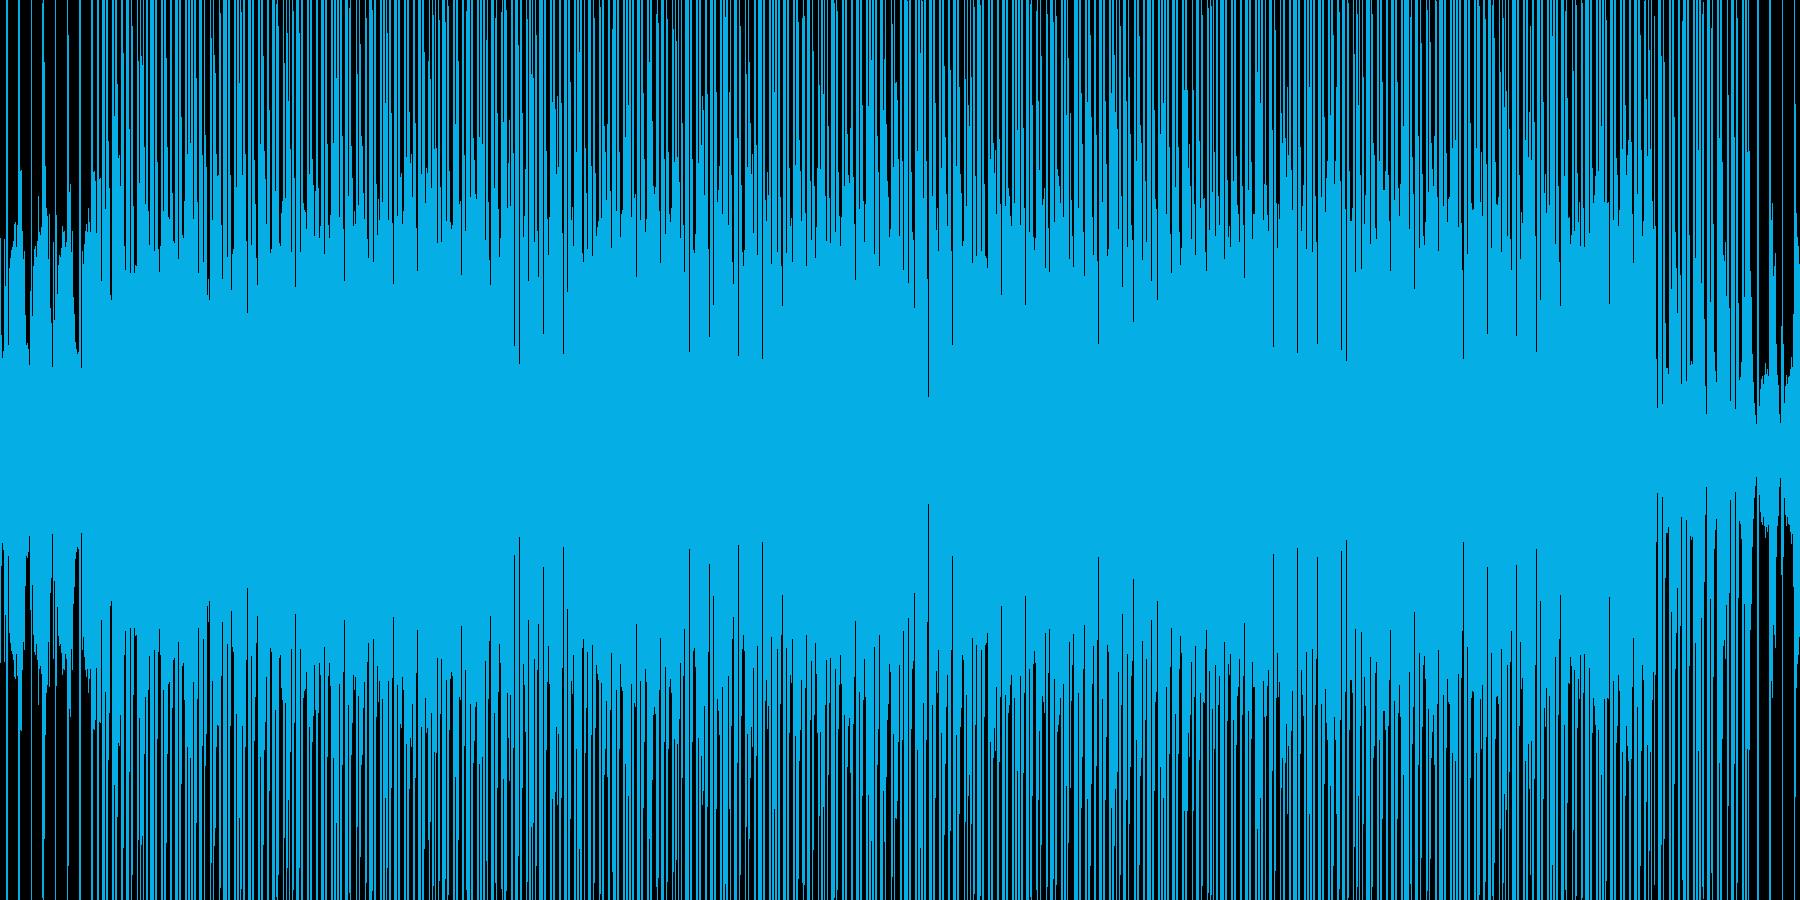 商業用BGM(ポップ)の再生済みの波形